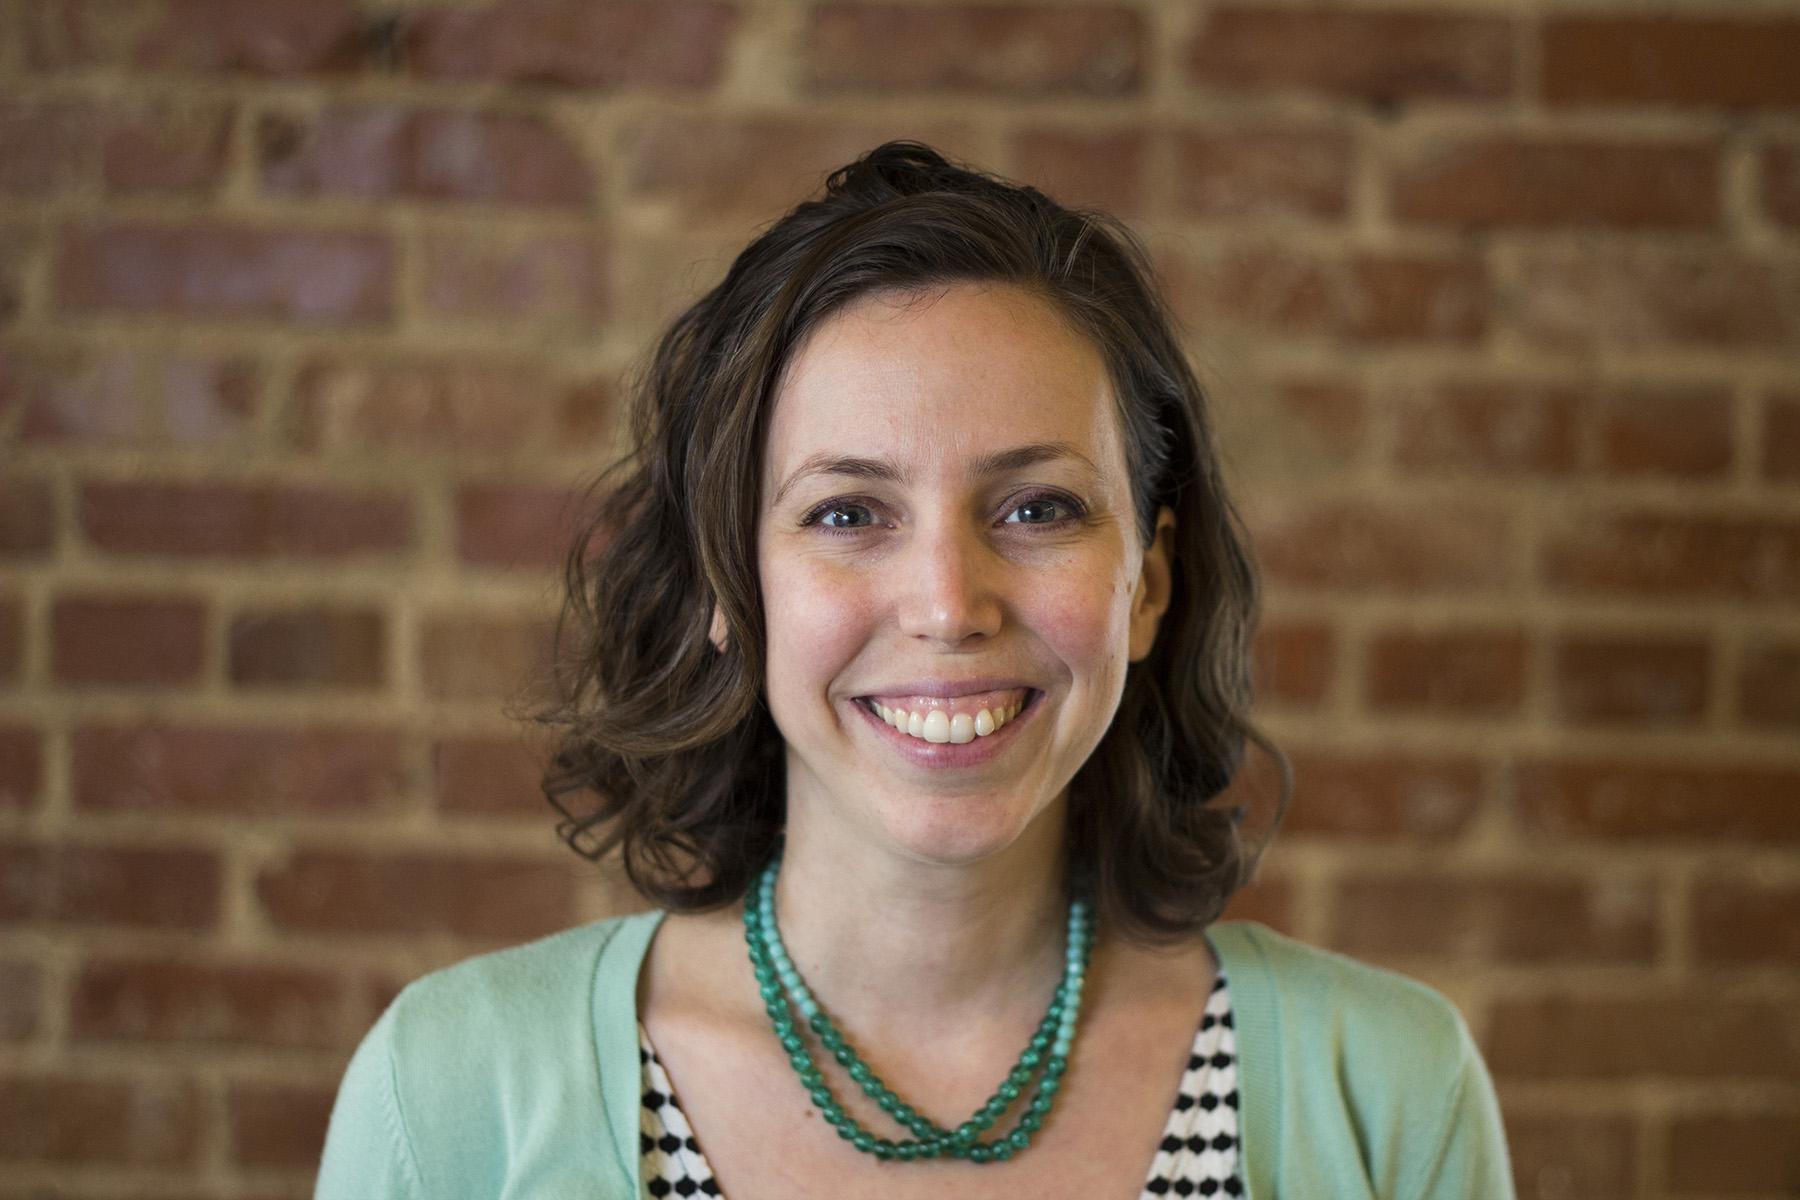 Erin Mullaney